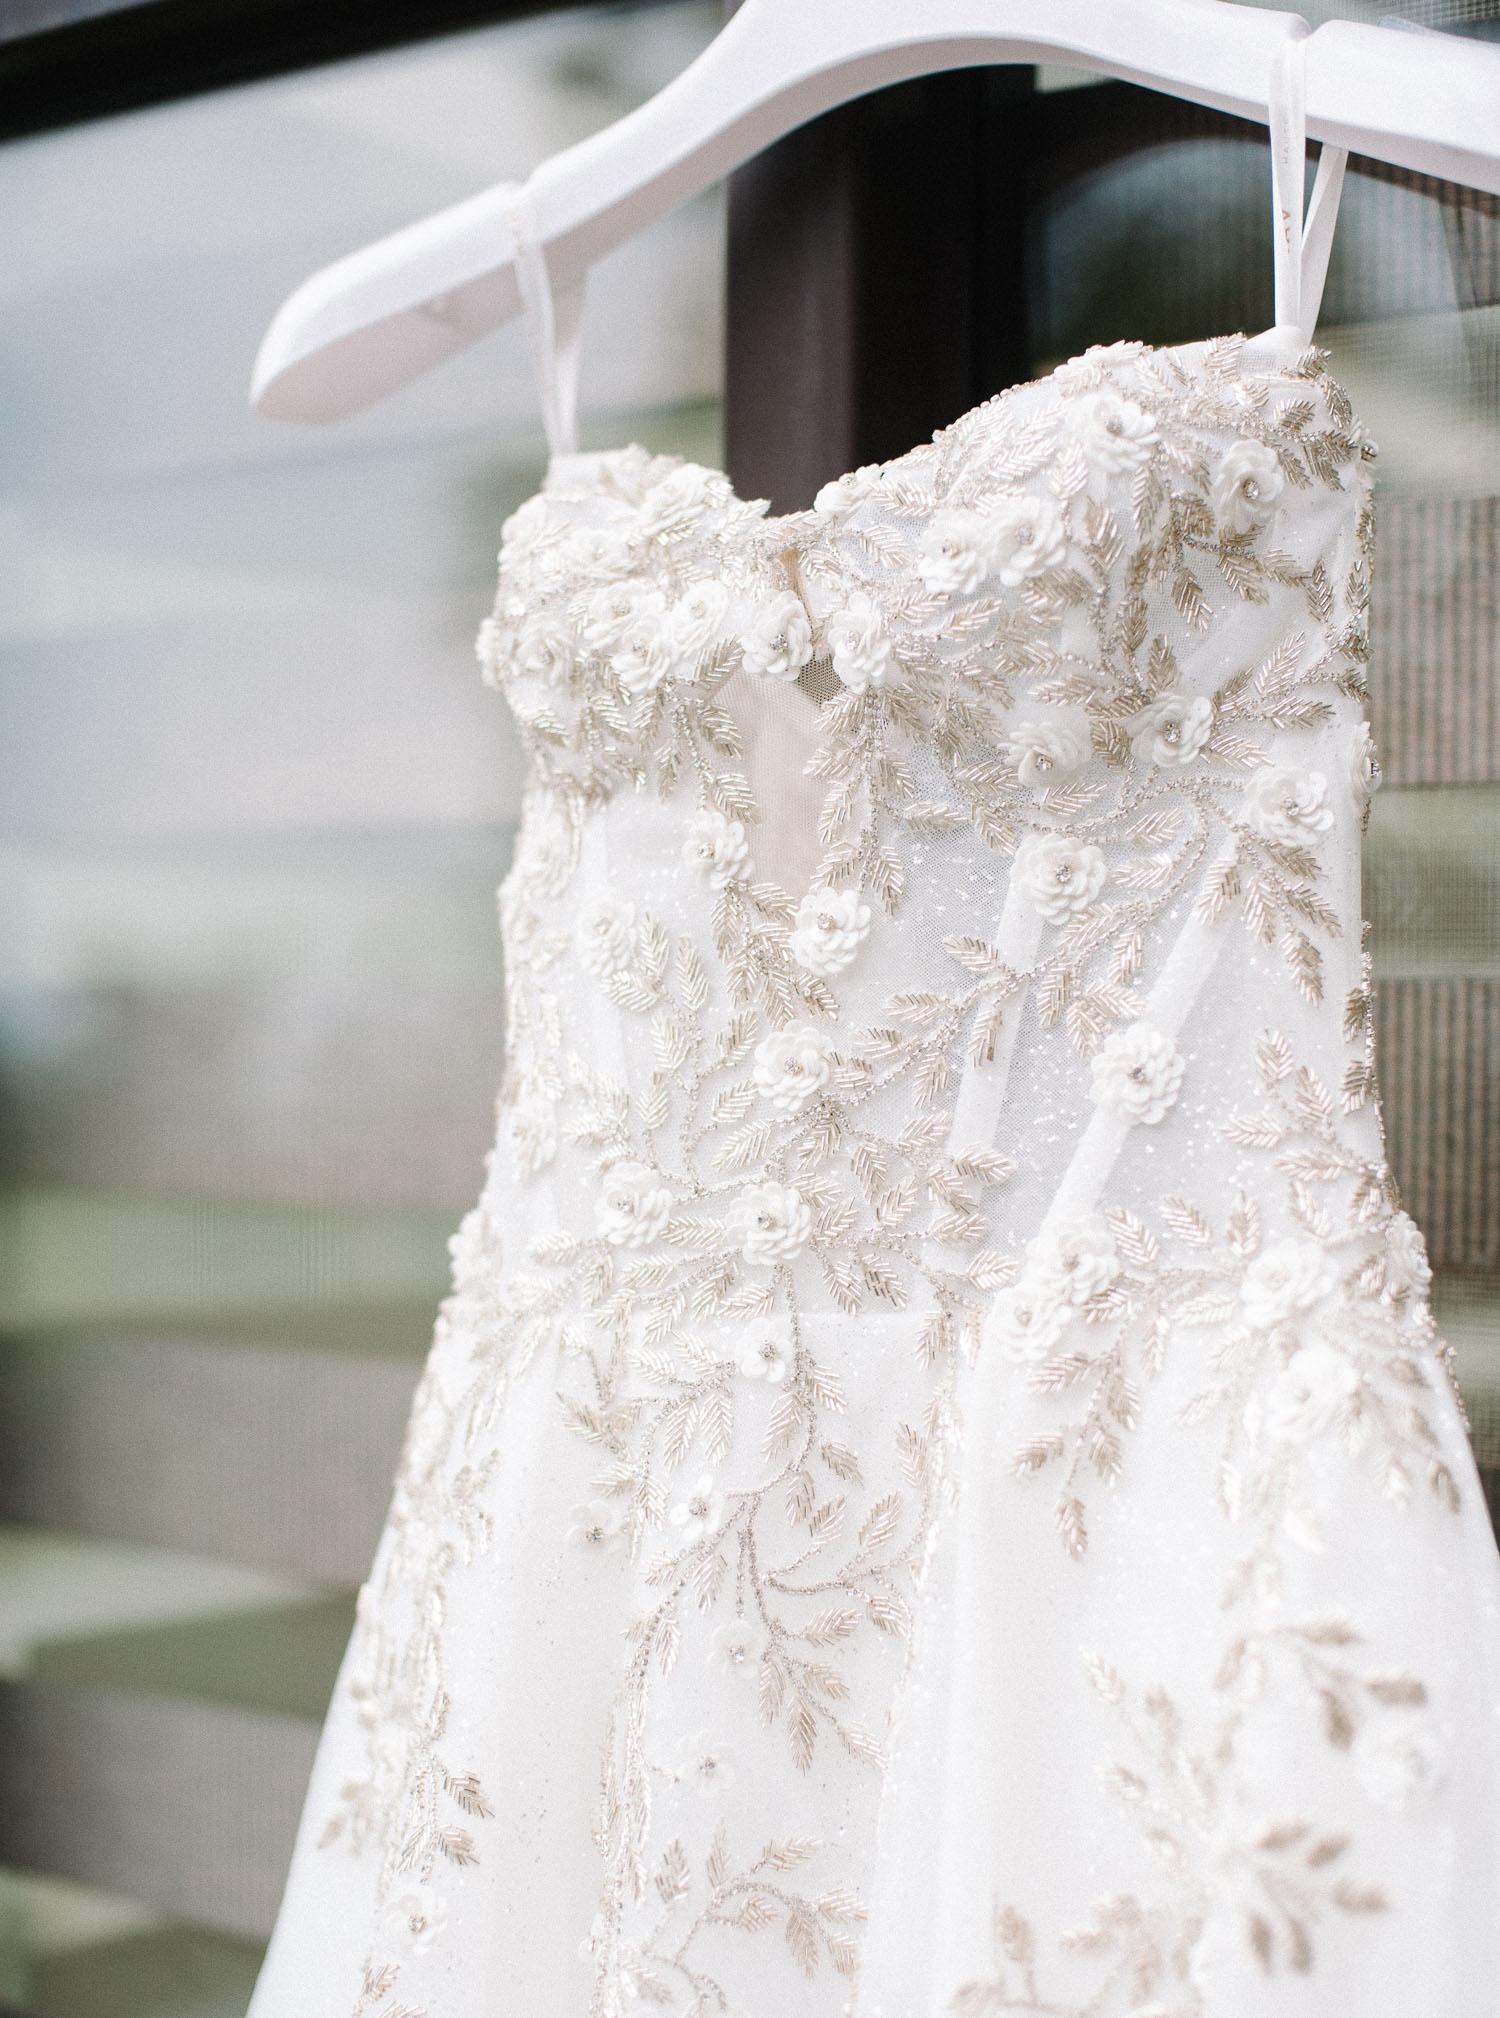 微光會館婚禮-蒂米琪婚紗